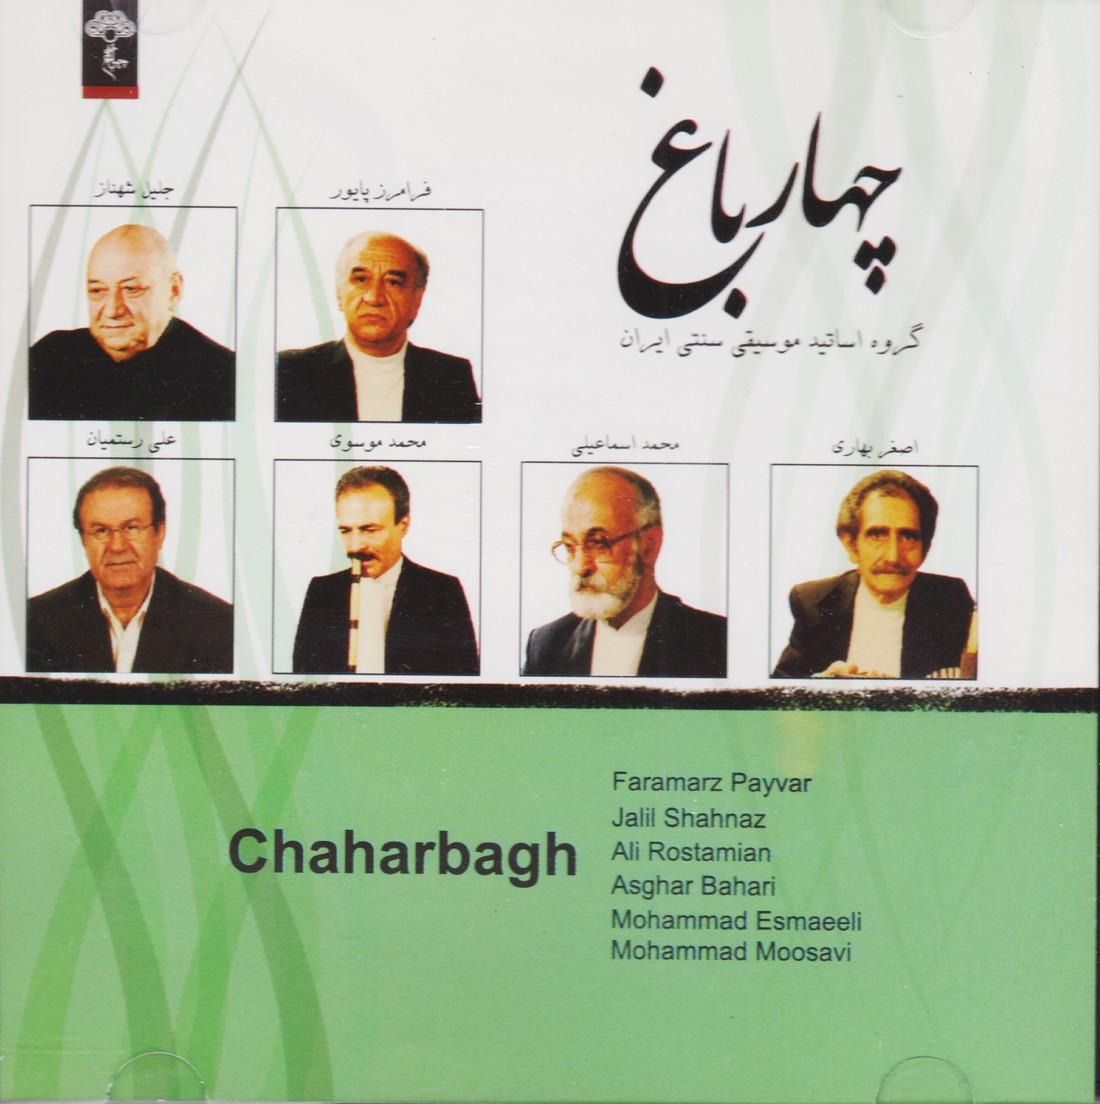 چهارباغ: گزیده اساتید موسیقی سنتی ایران